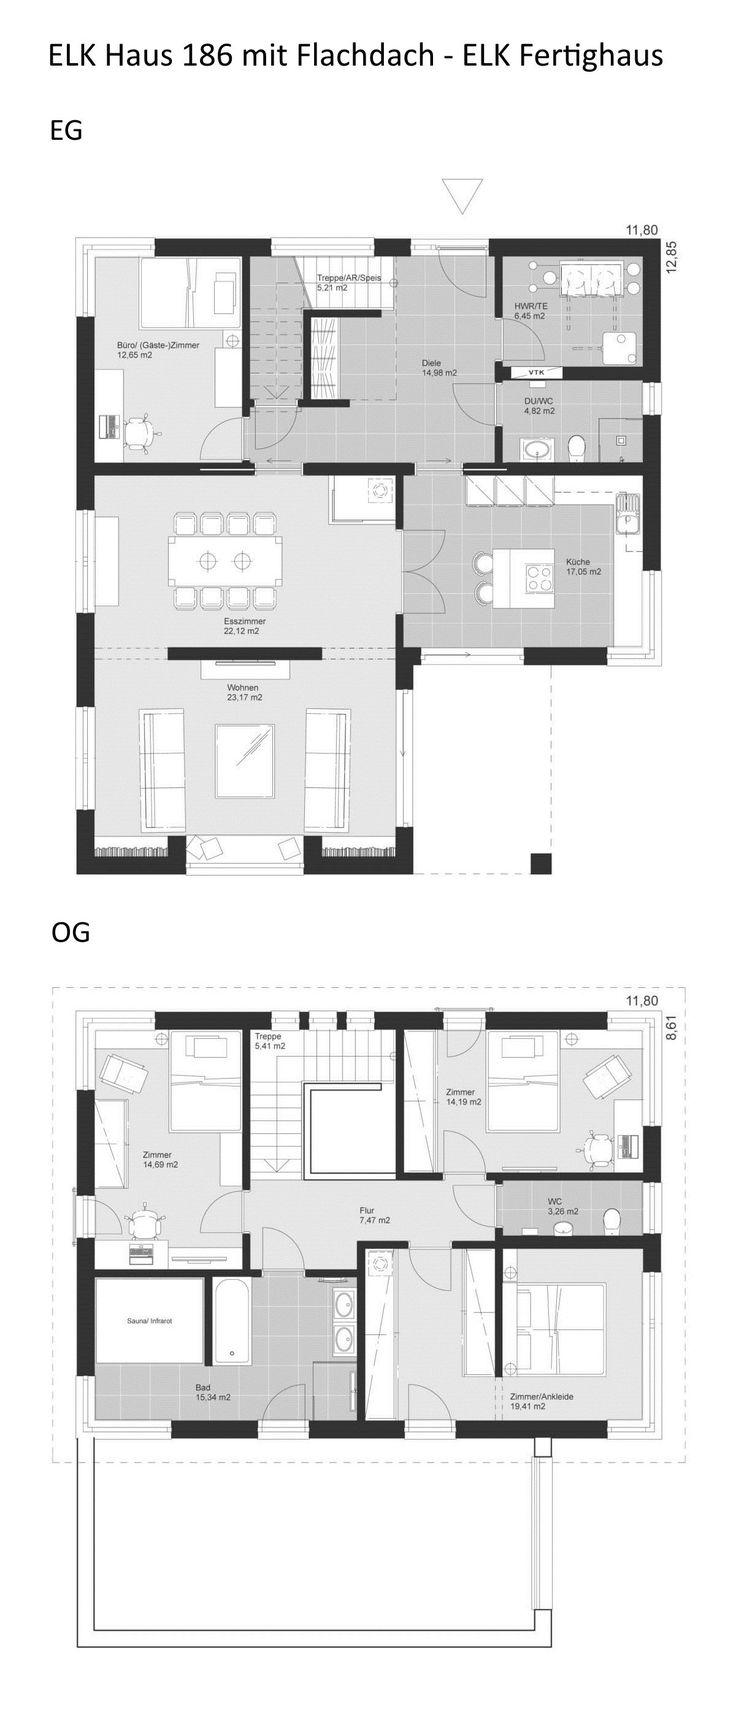 Grundriss Stadtvilla modern mit Flachdach Architektur – 5 Zimmer, 186 qm, 2 Voll…  # Grundriss Einfamilienhaus